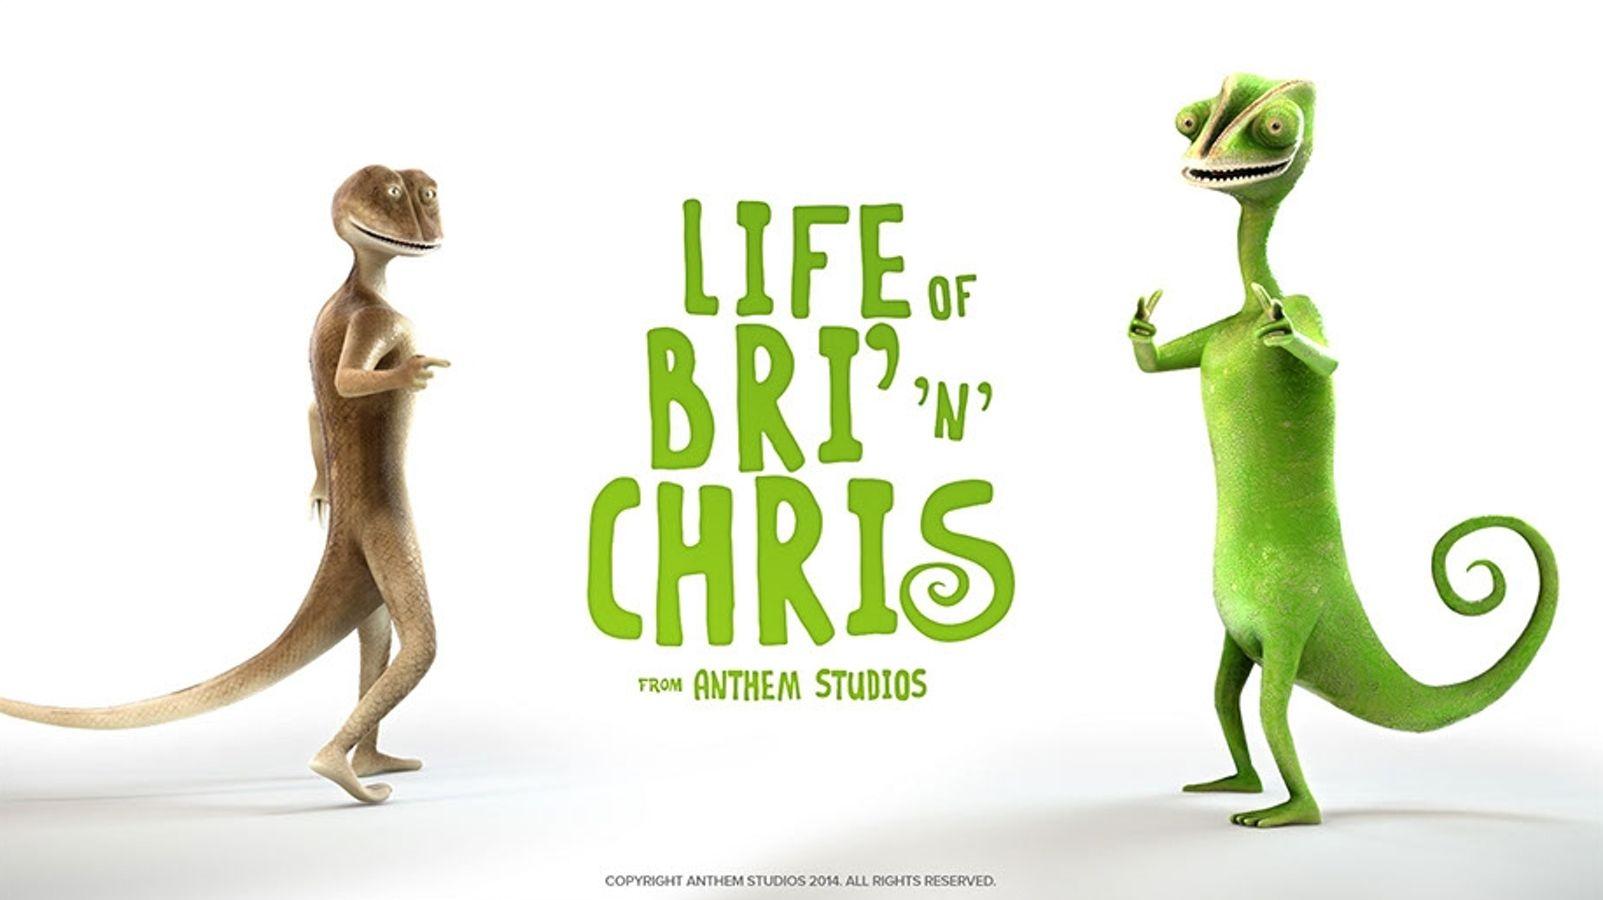 Life of Bri 'n' Chris